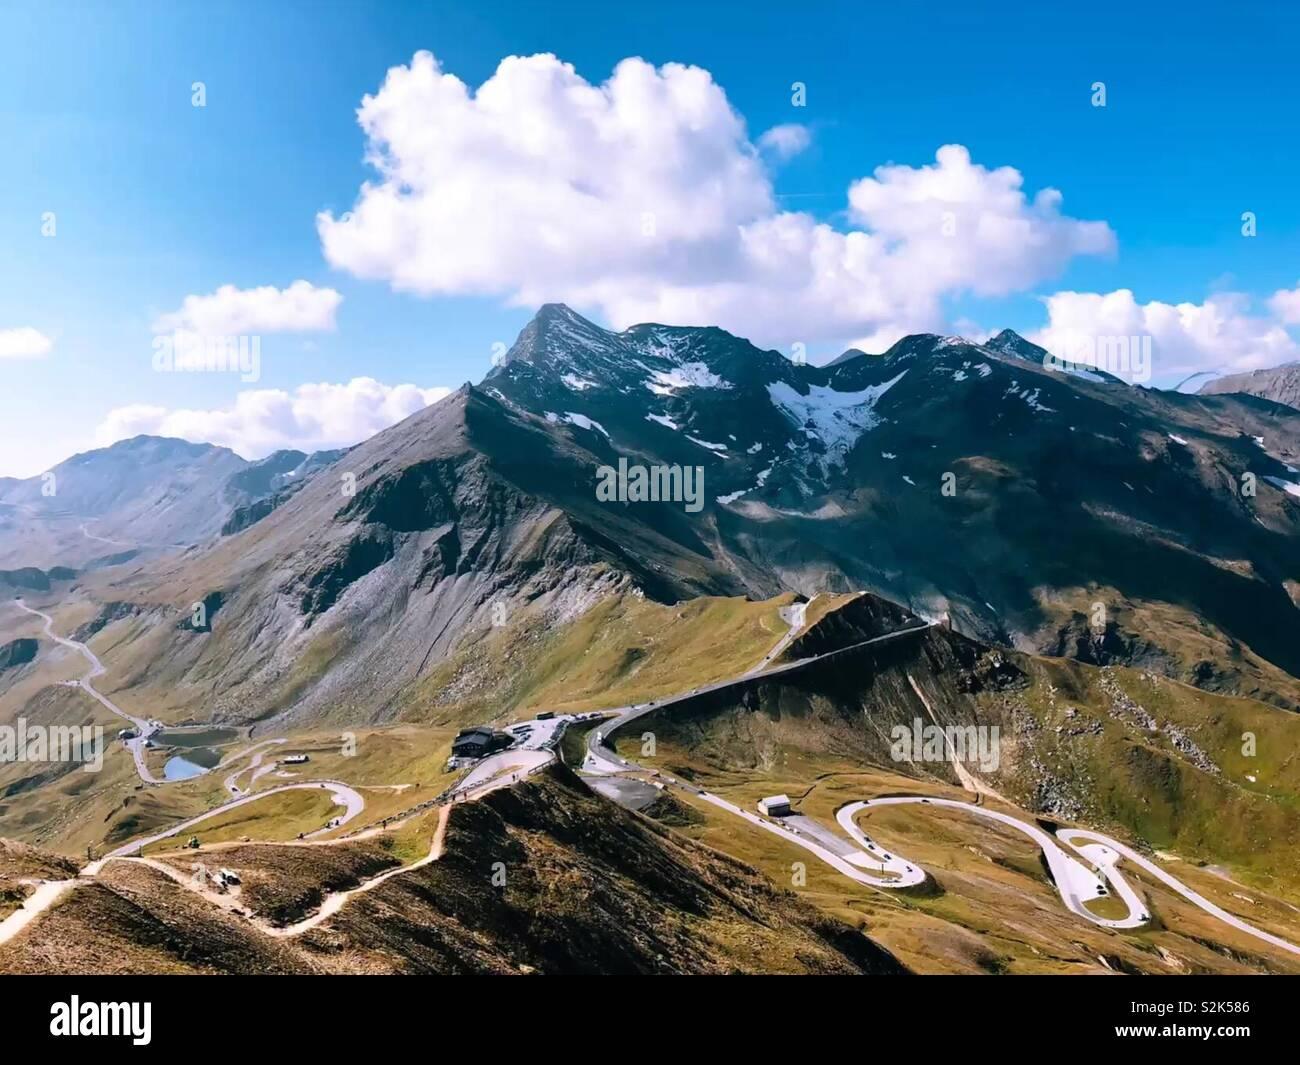 Meilleure route dans le monde. Grossglockner passage alpin de l'Autriche. Photo Stock